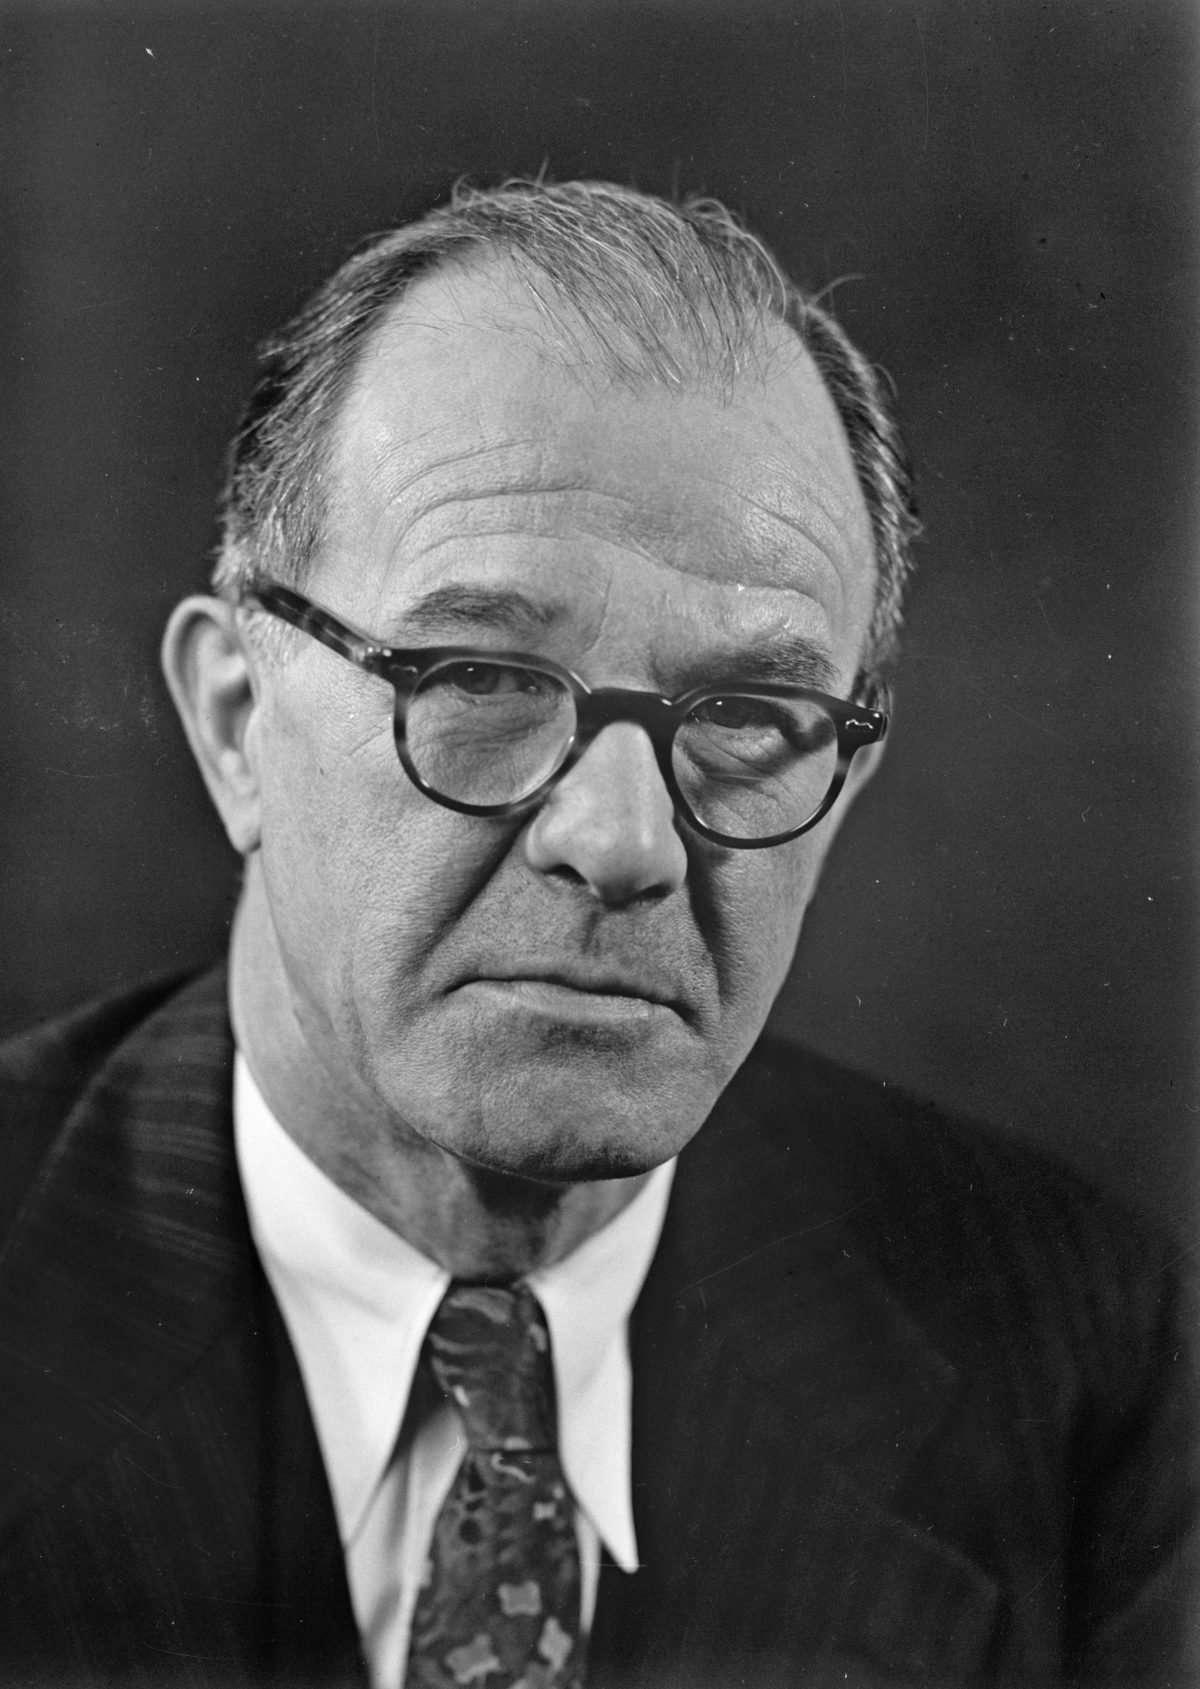 Herbert G. Cochran